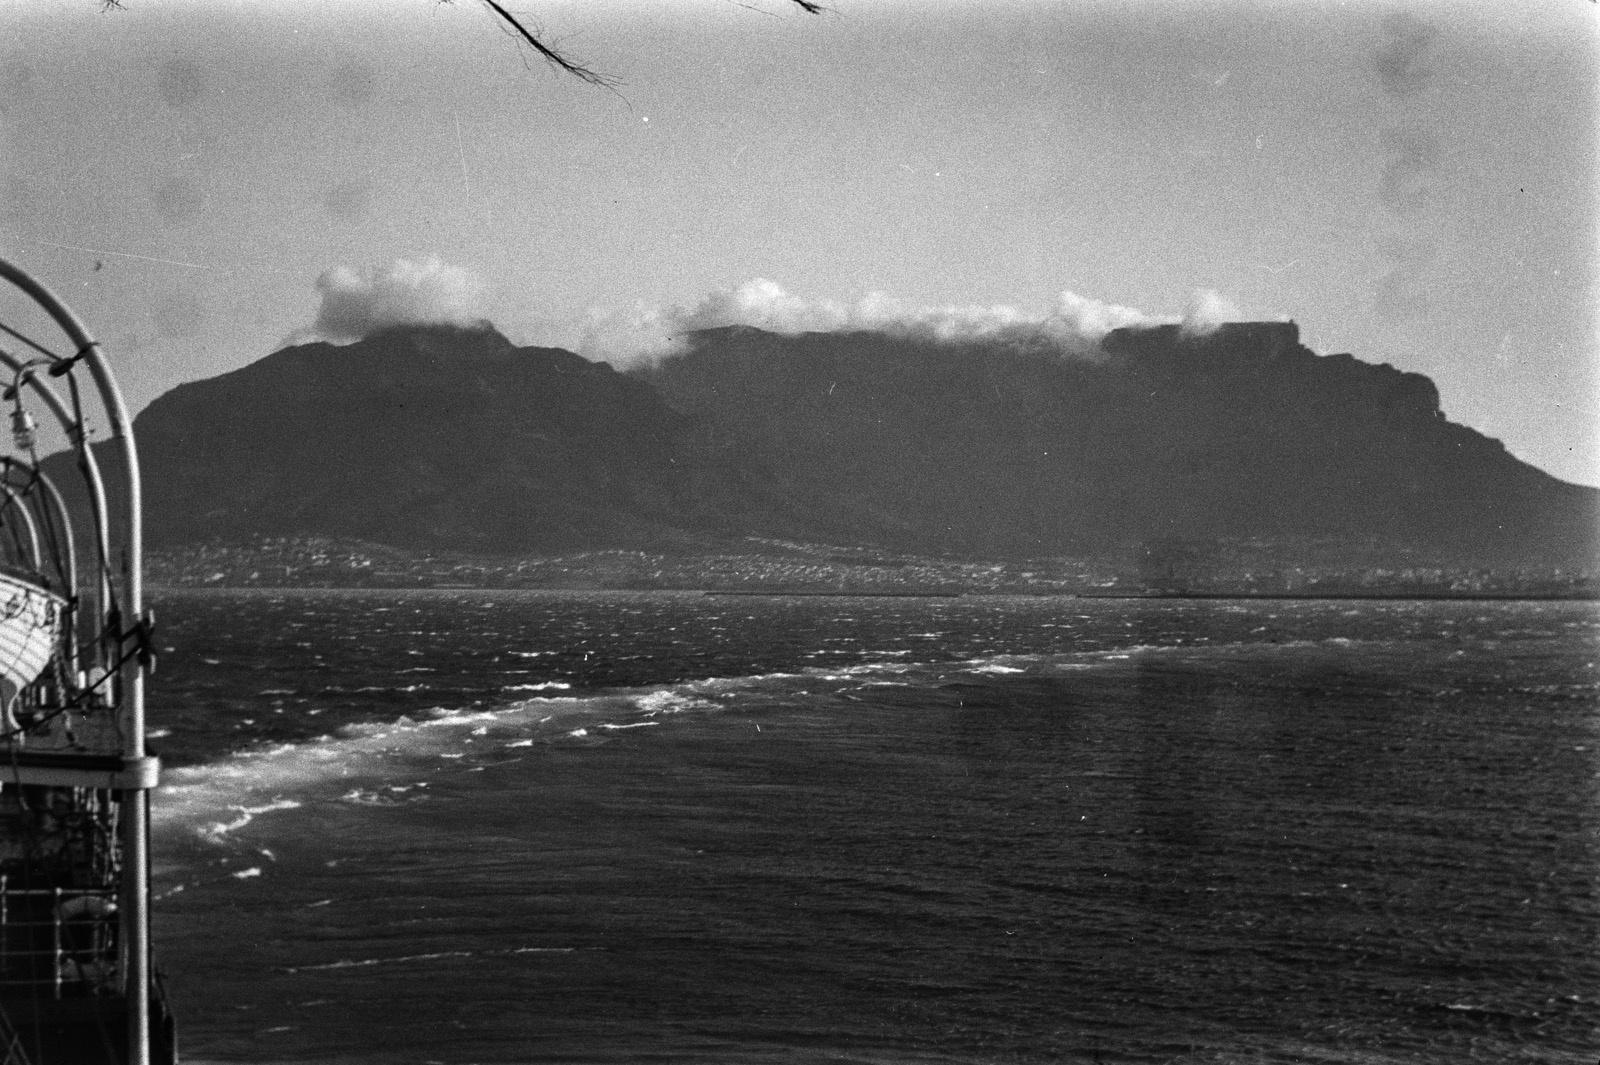 Кейптаун. Столовая гора. У подножия горы находятся поселения